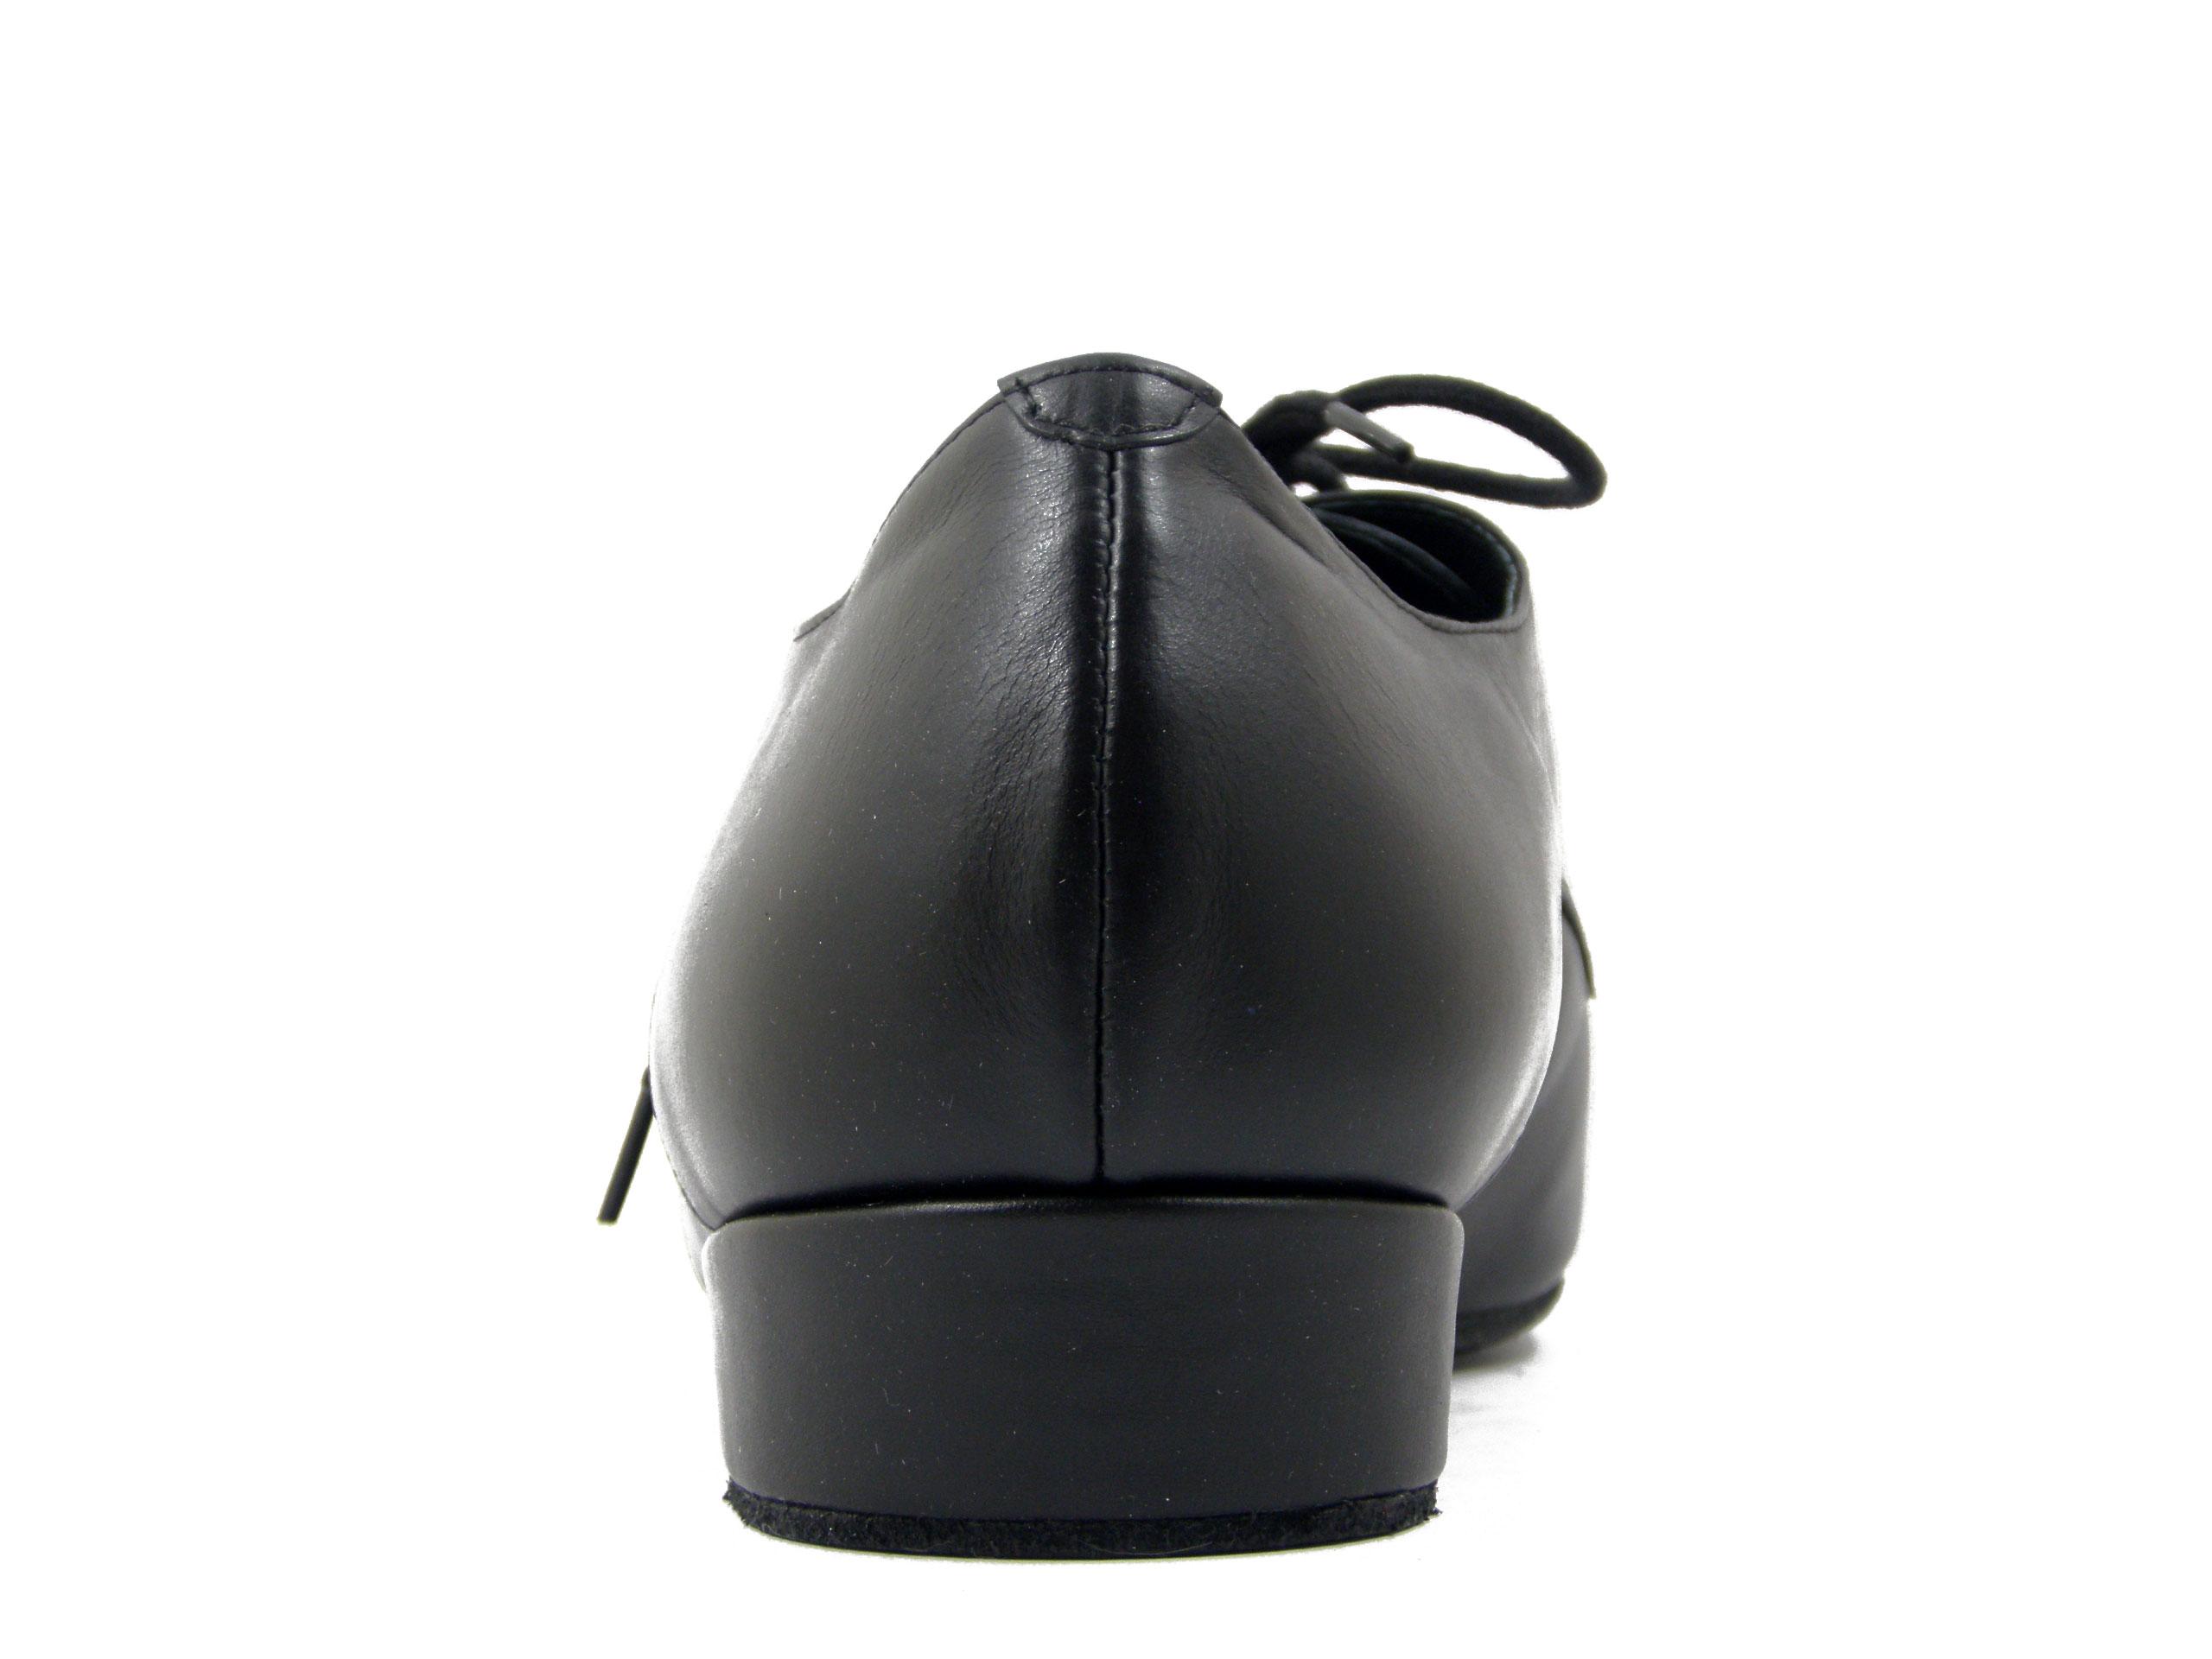 Scarpe Uomo da Ballo, modello Derby in morbida Pelle Nero, Suola in Cuoio Bufalo, Tacco 3 cm, Osvaldo Pericoli